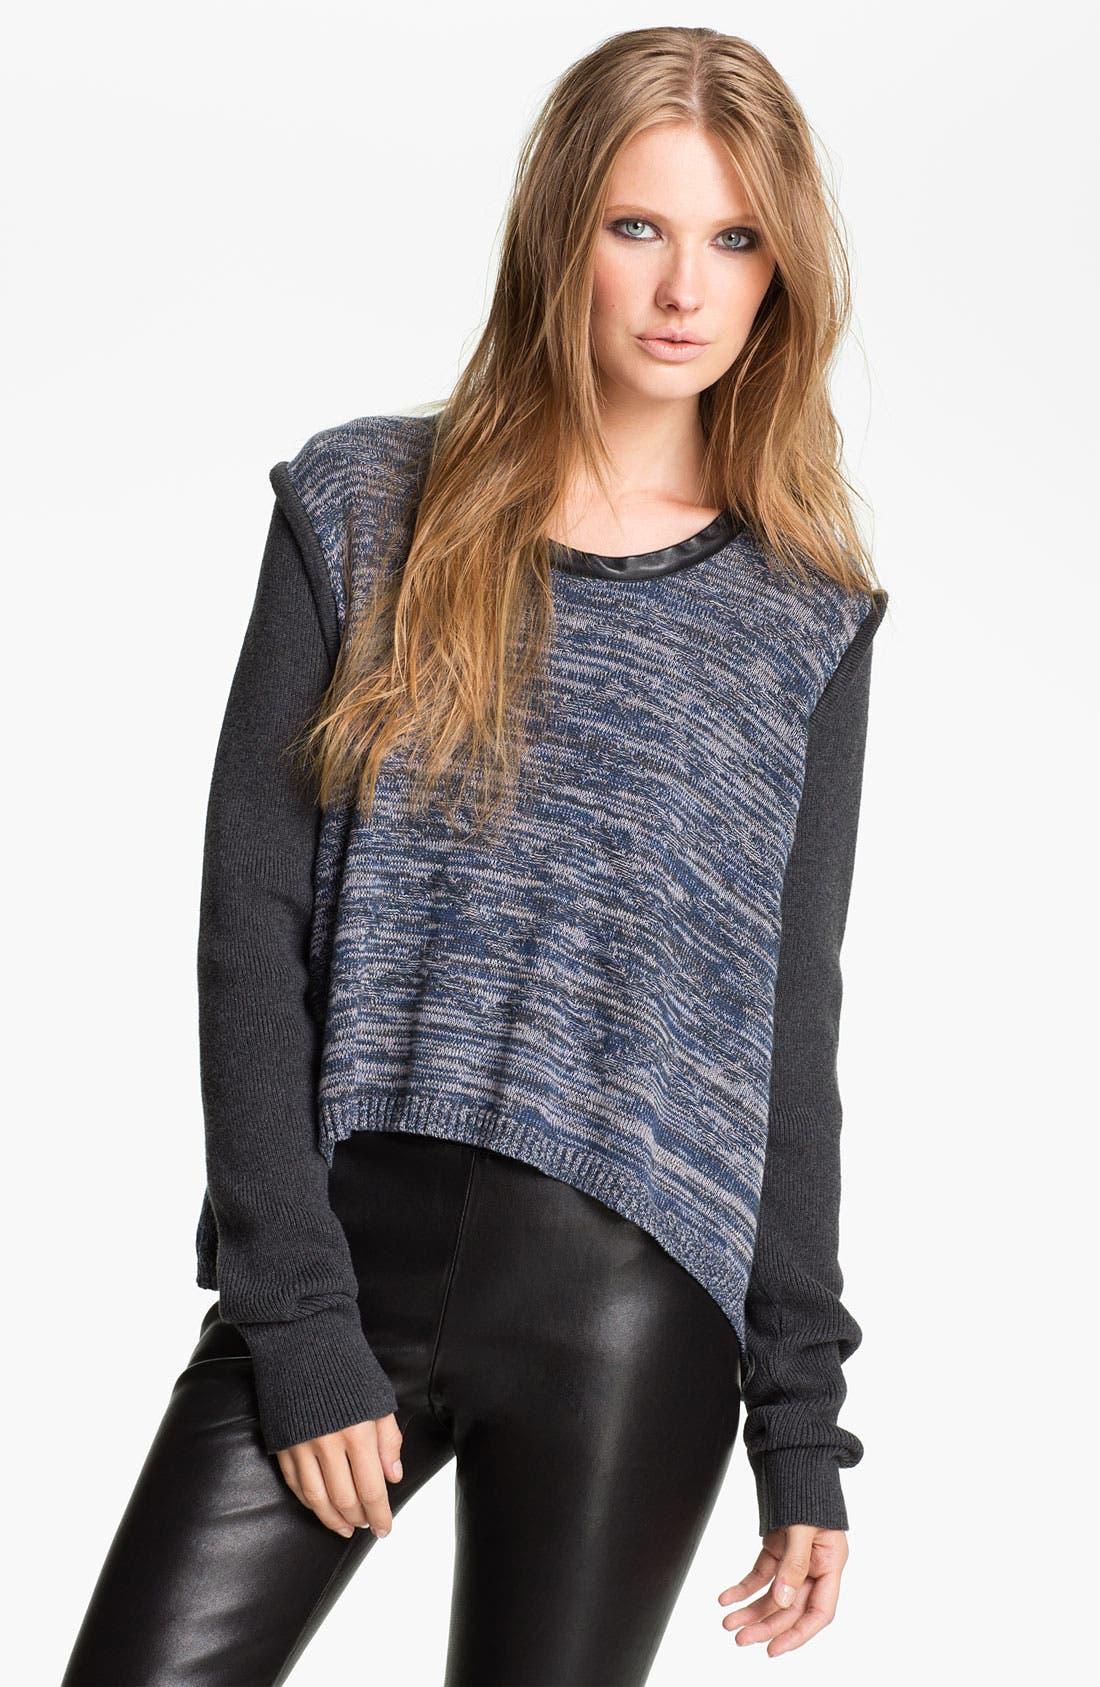 Main Image - Cut25 Marled Knit Top